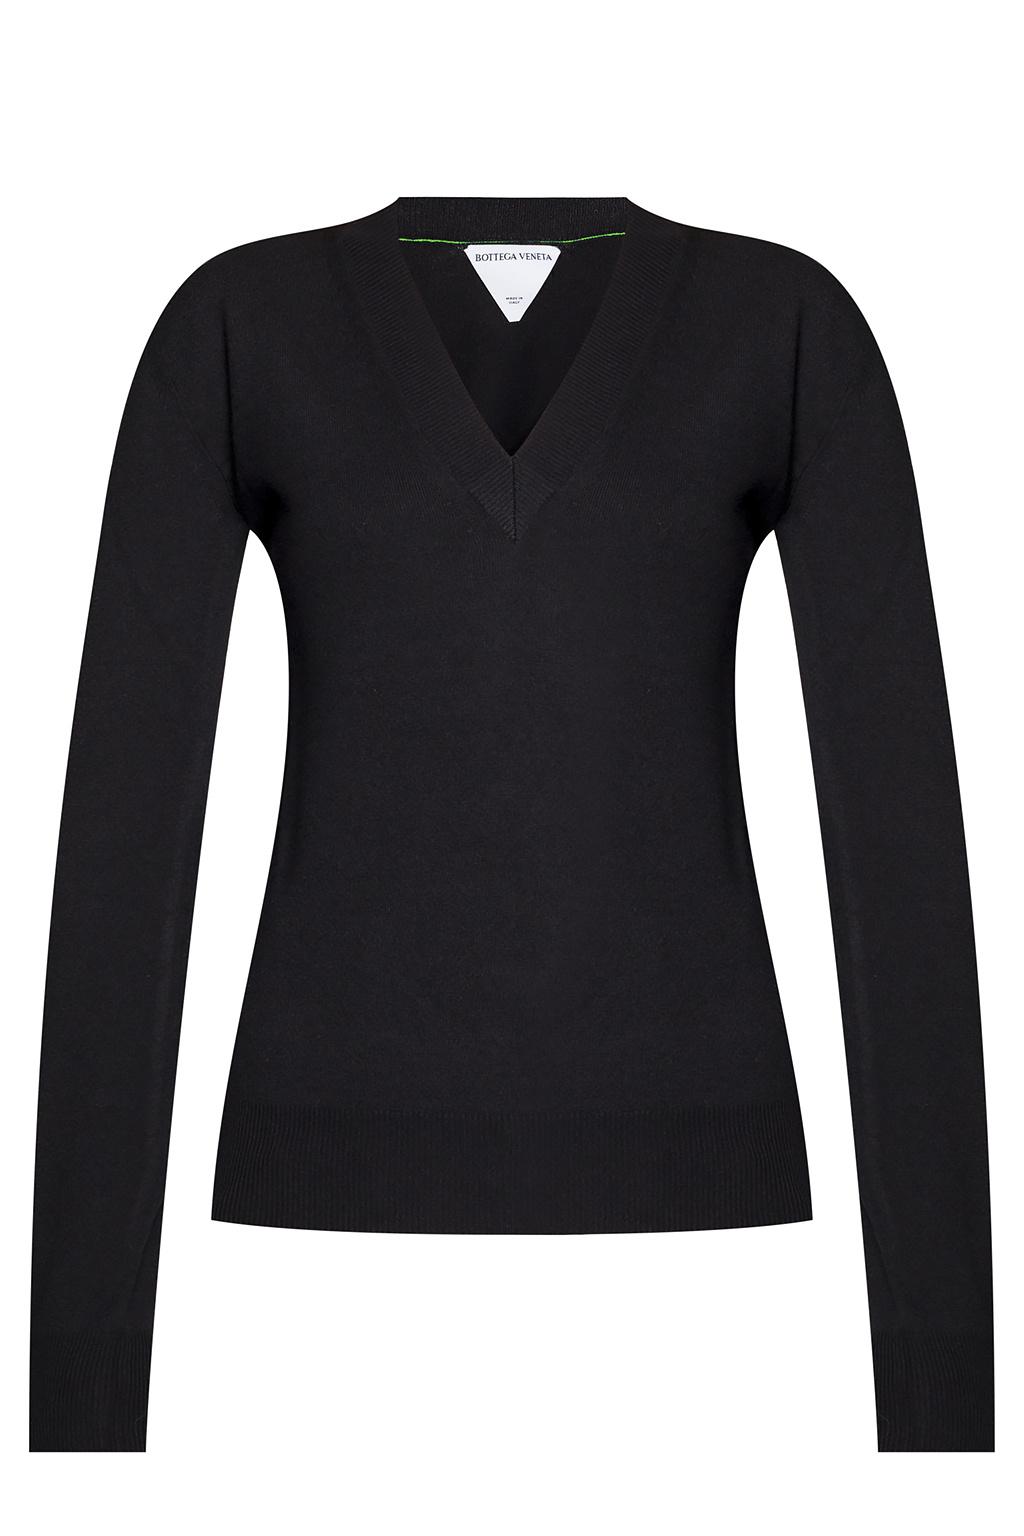 Bottega Veneta V-neck sweater